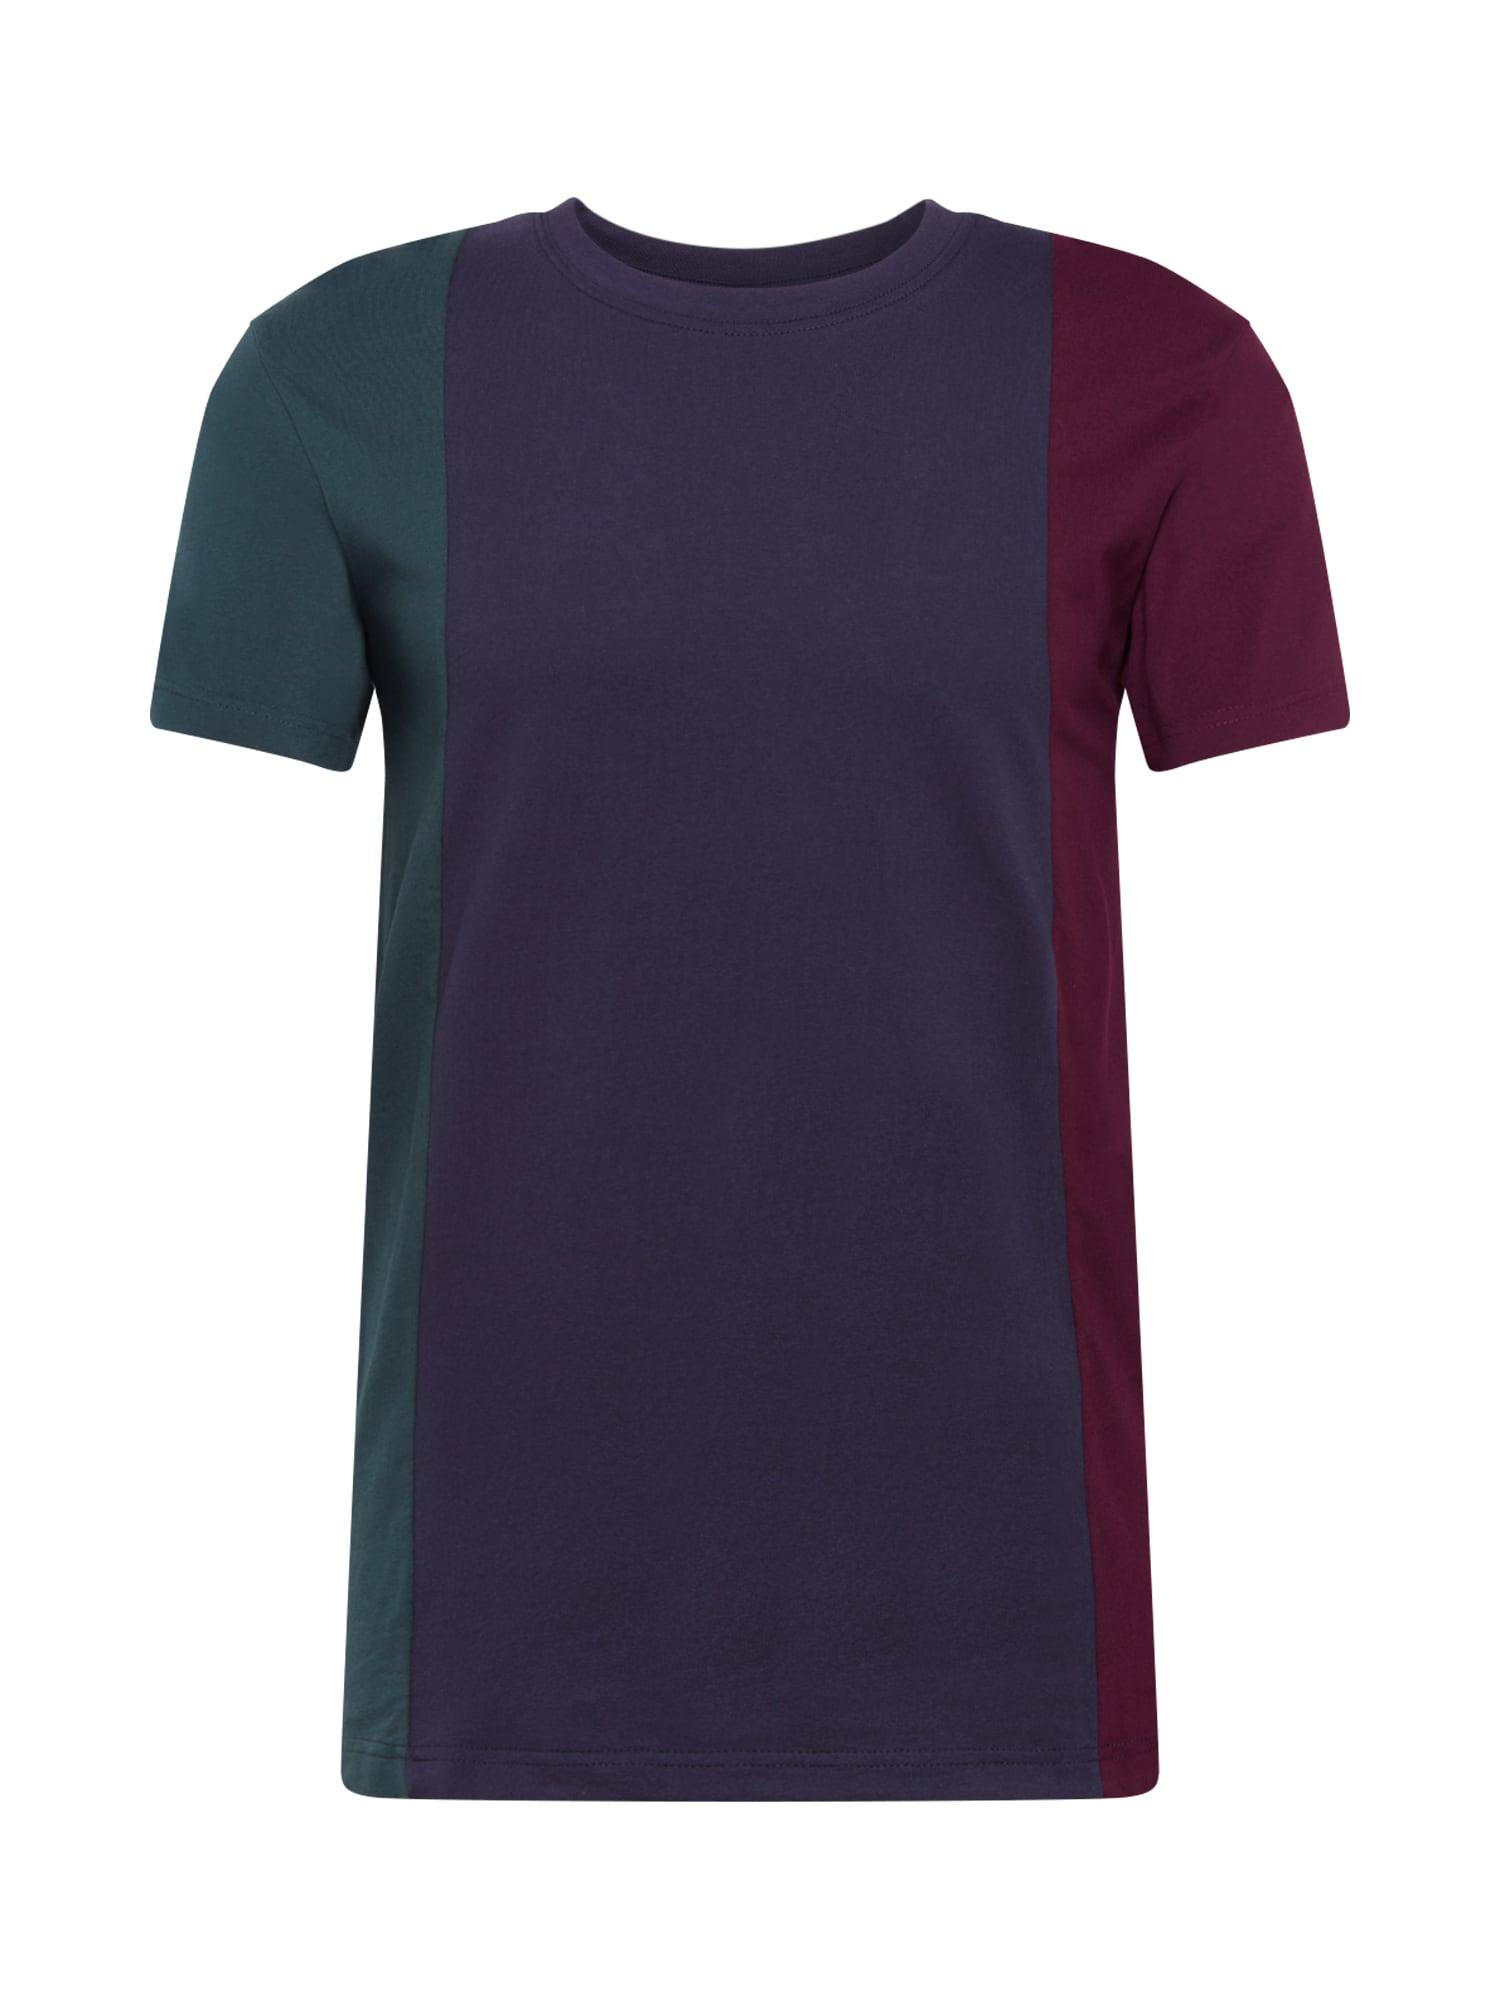 Urban Classics Tričko 'Tripple Tee'  námornícka modrá / jedľová / zmiešané farby